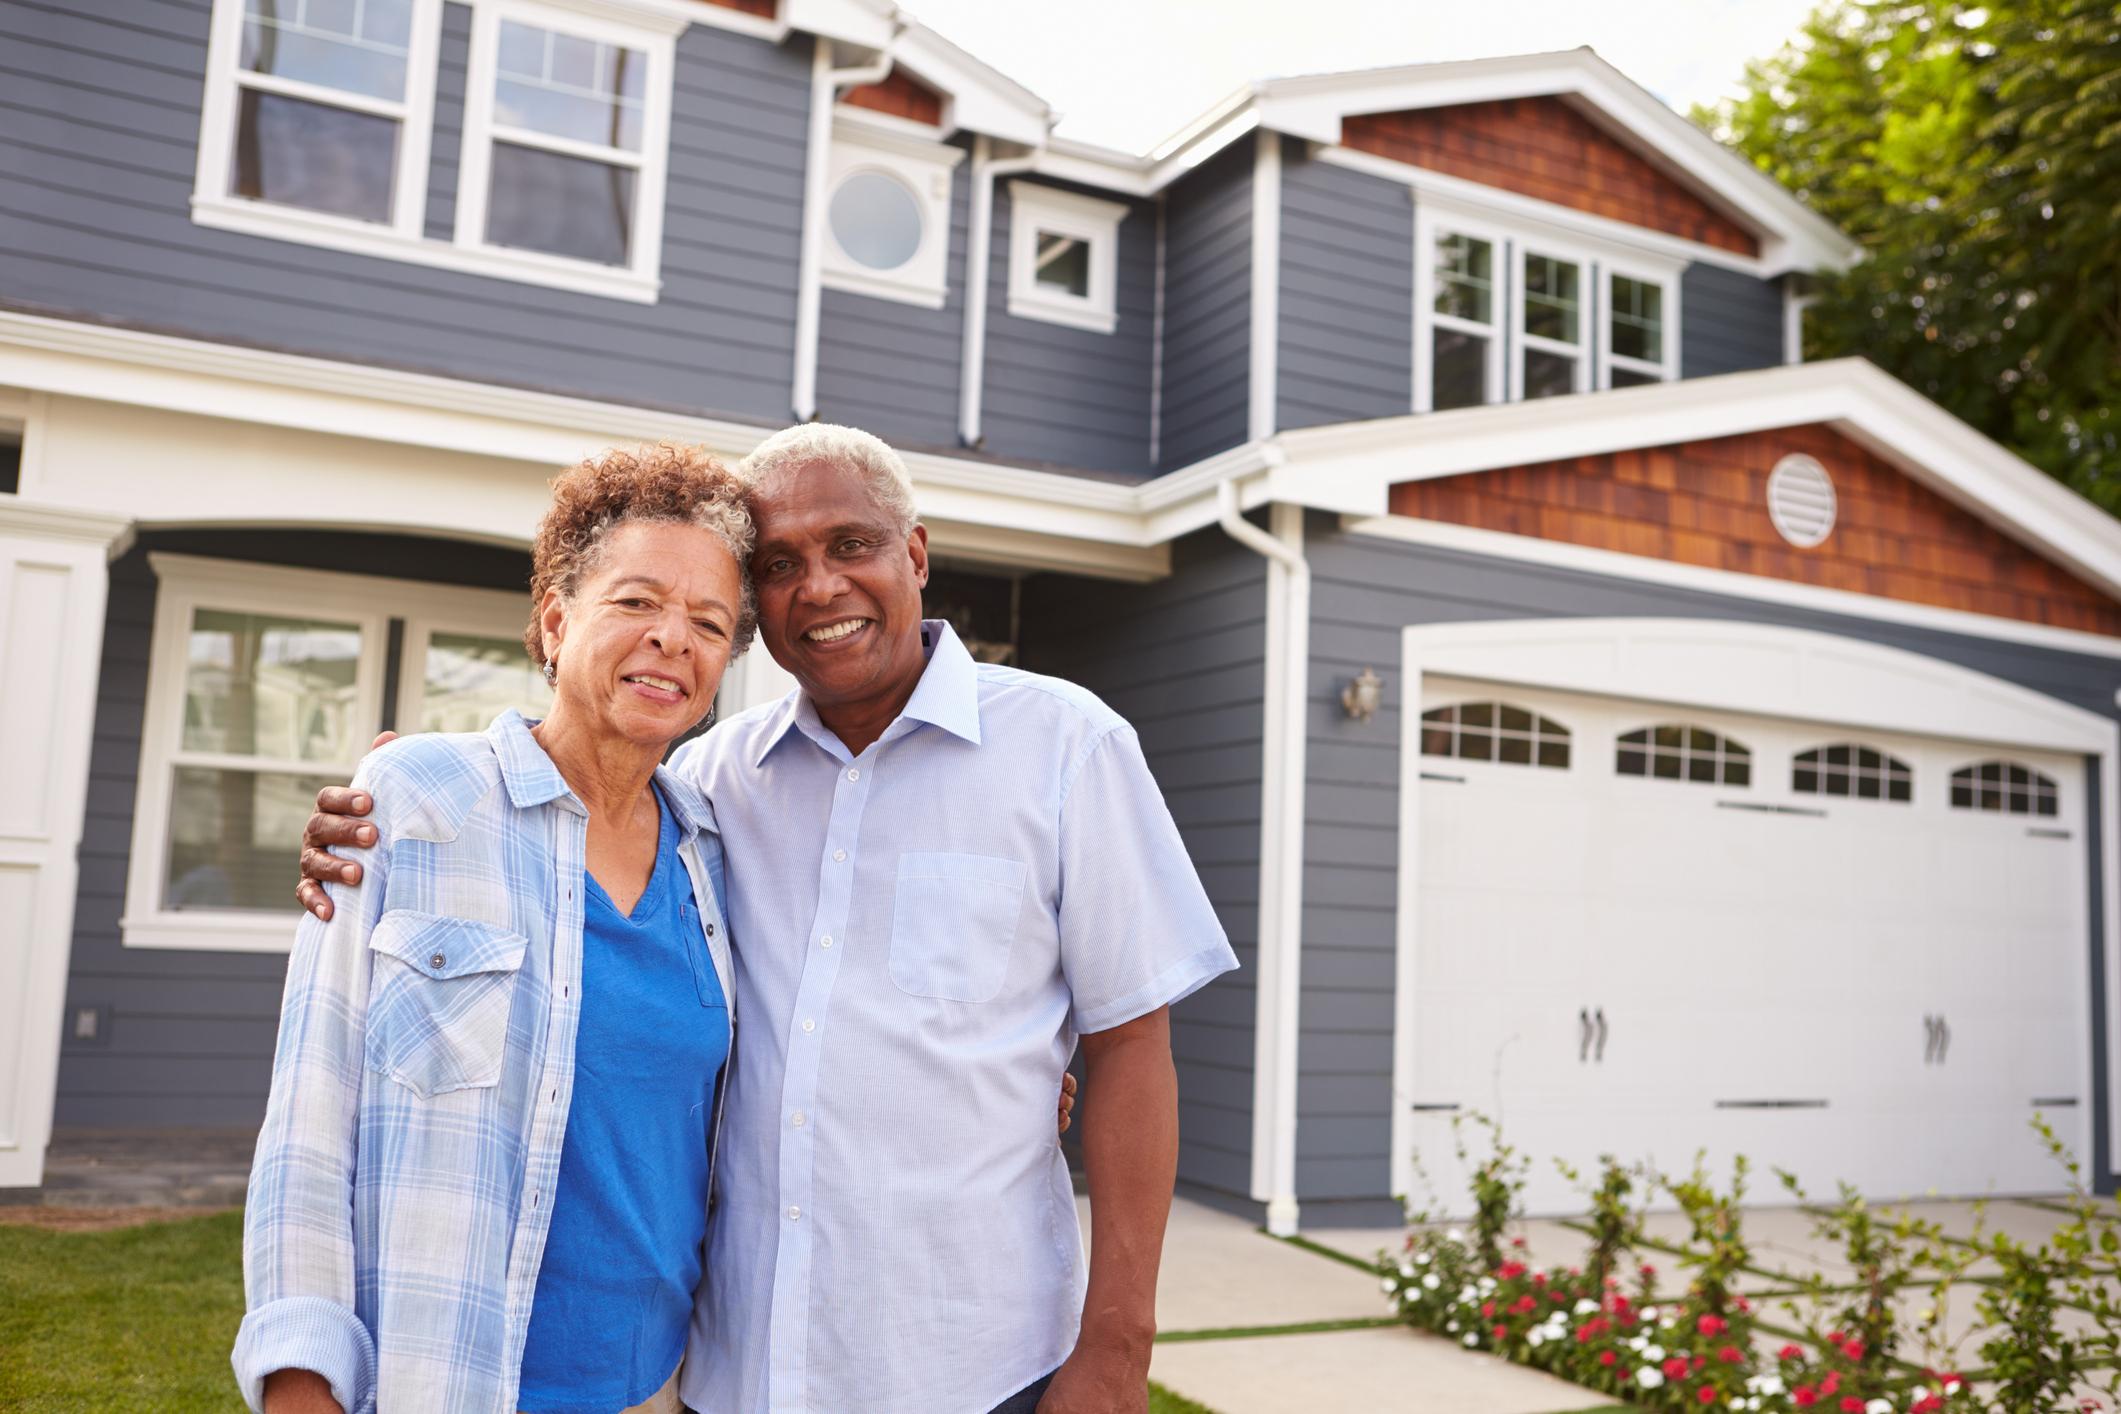 Senior couple standing outside a house.